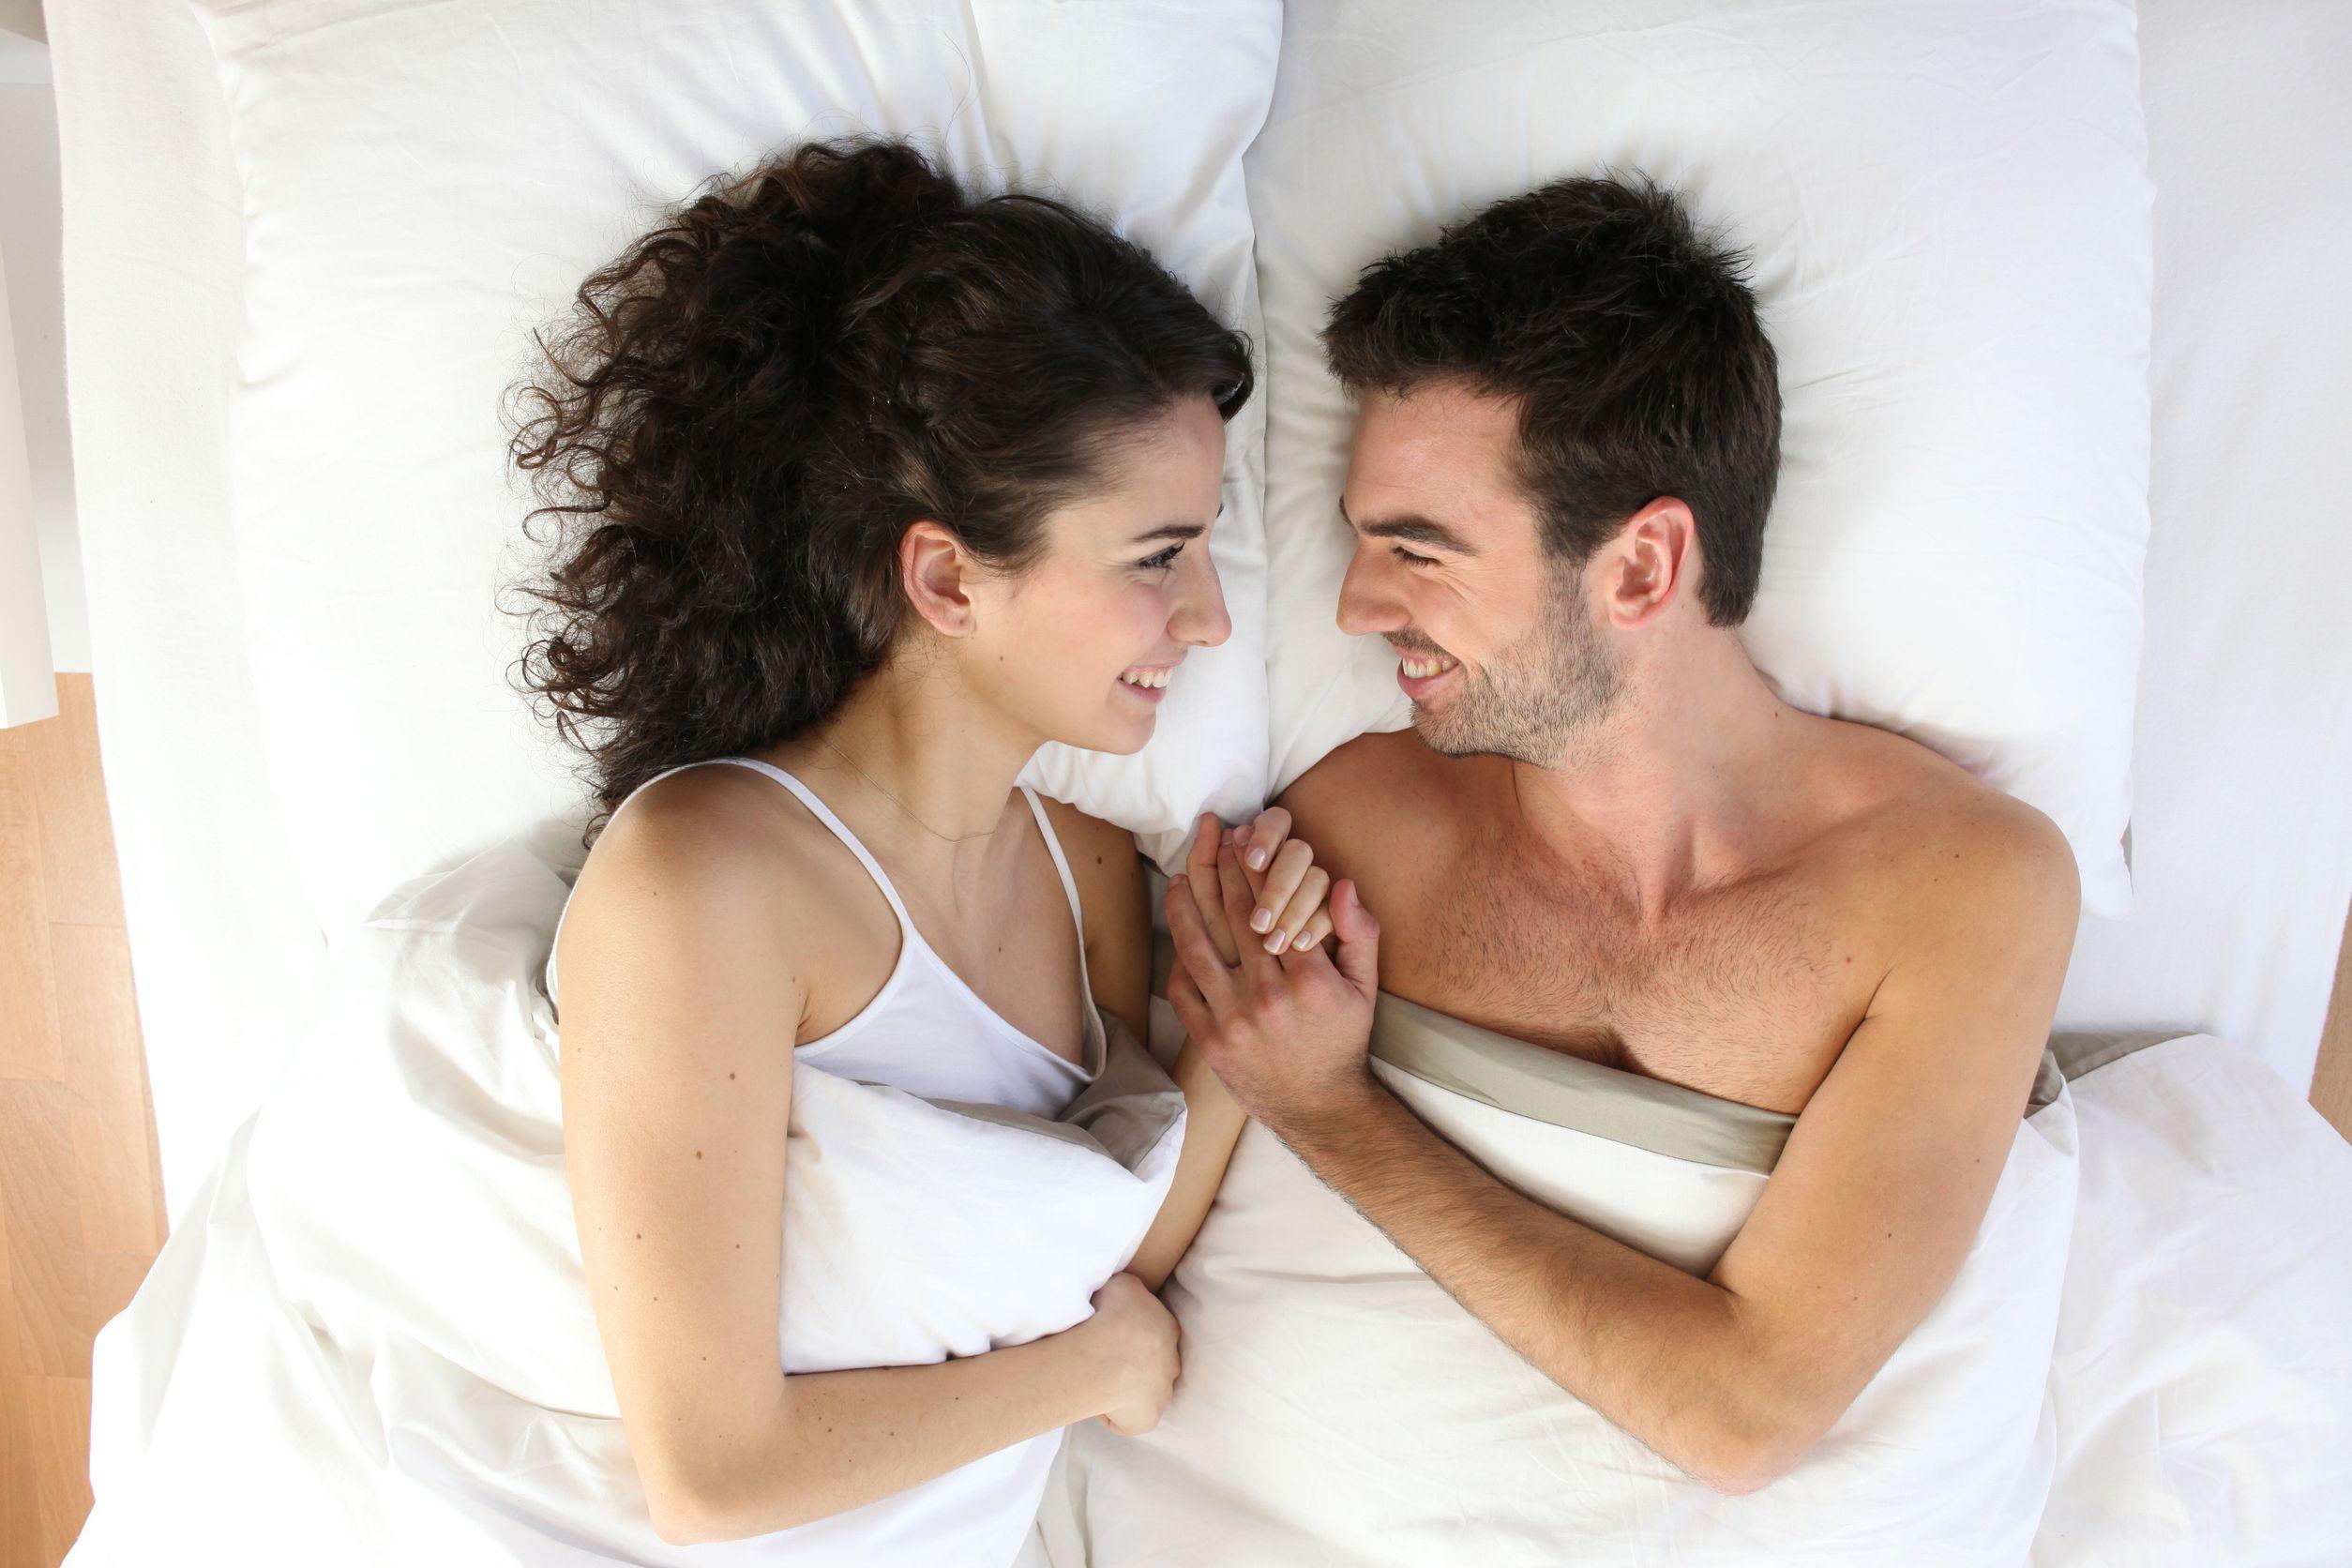 Смотреть порно спящие сексуальные женщинах